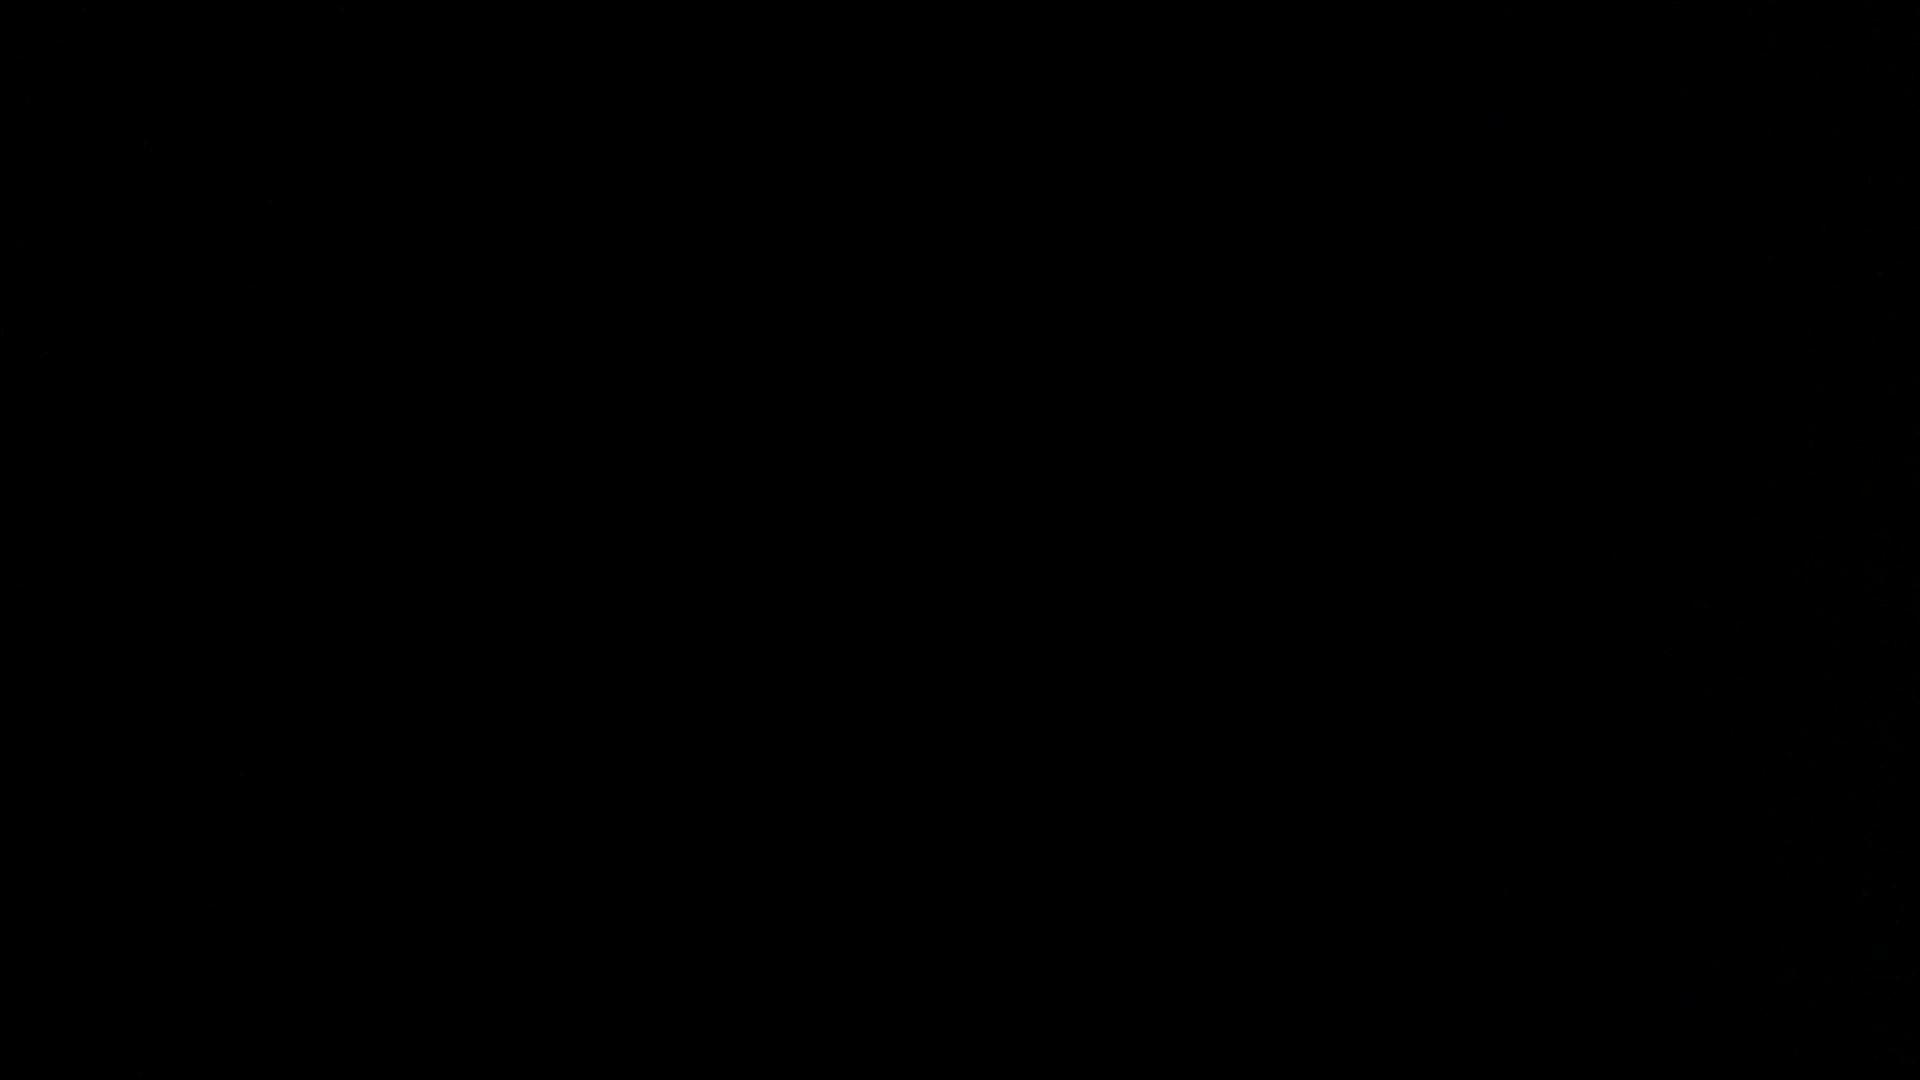 エロいフェラシーンをピックアップvol43 フェラ   手淫 ゲイ素人エロ画像 96枚 2